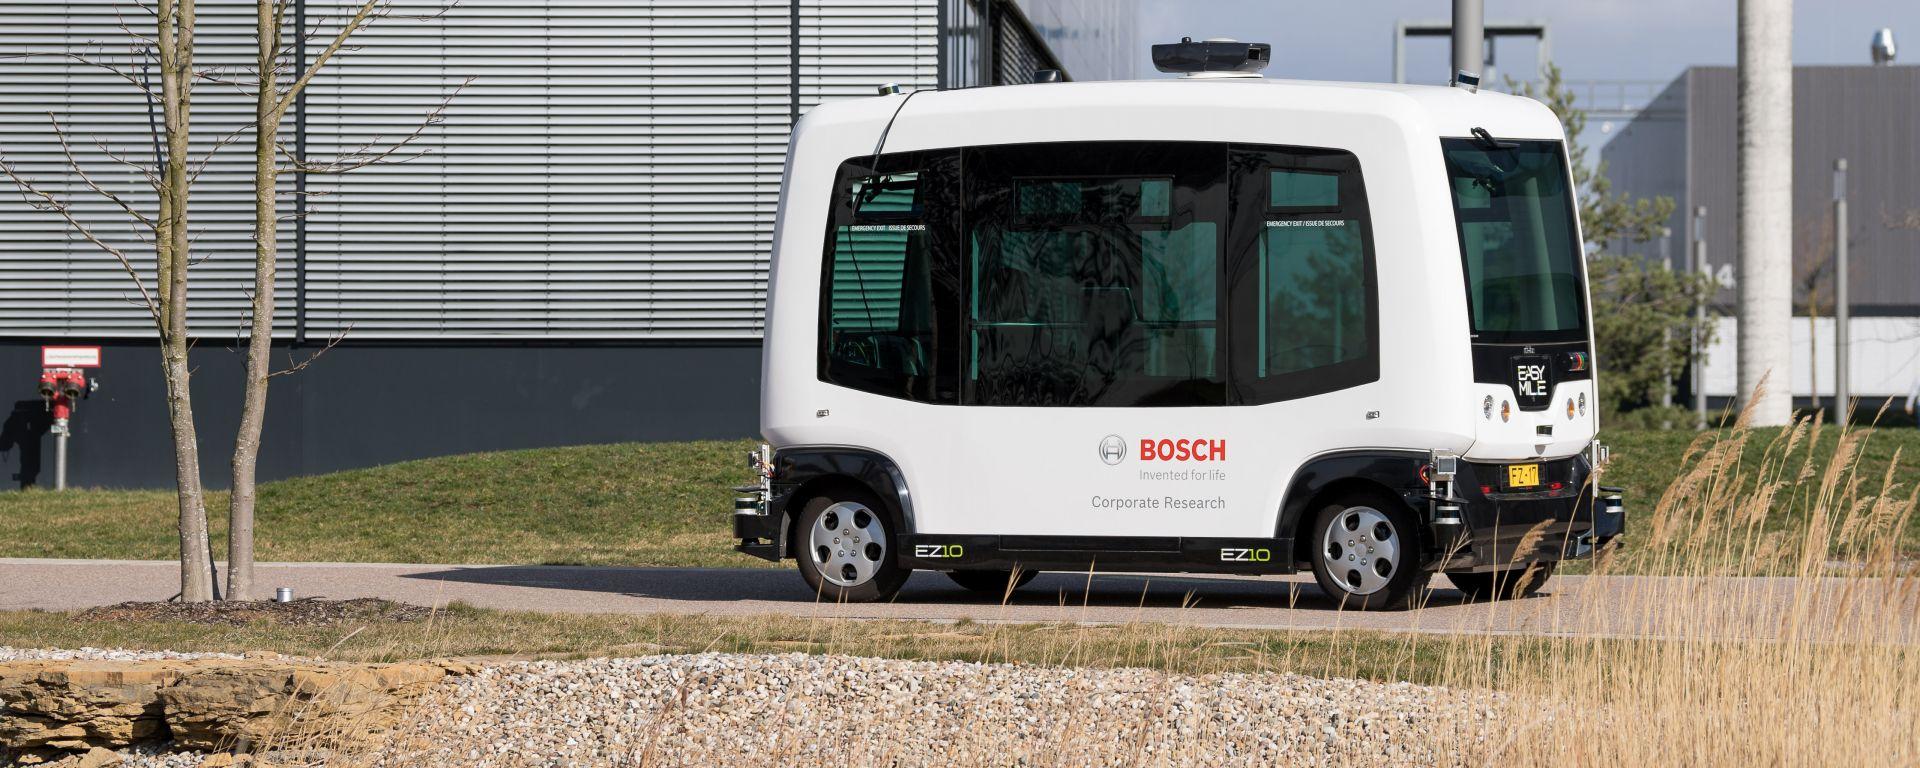 Progetto 3F di Bosch per navette a guida autonoma